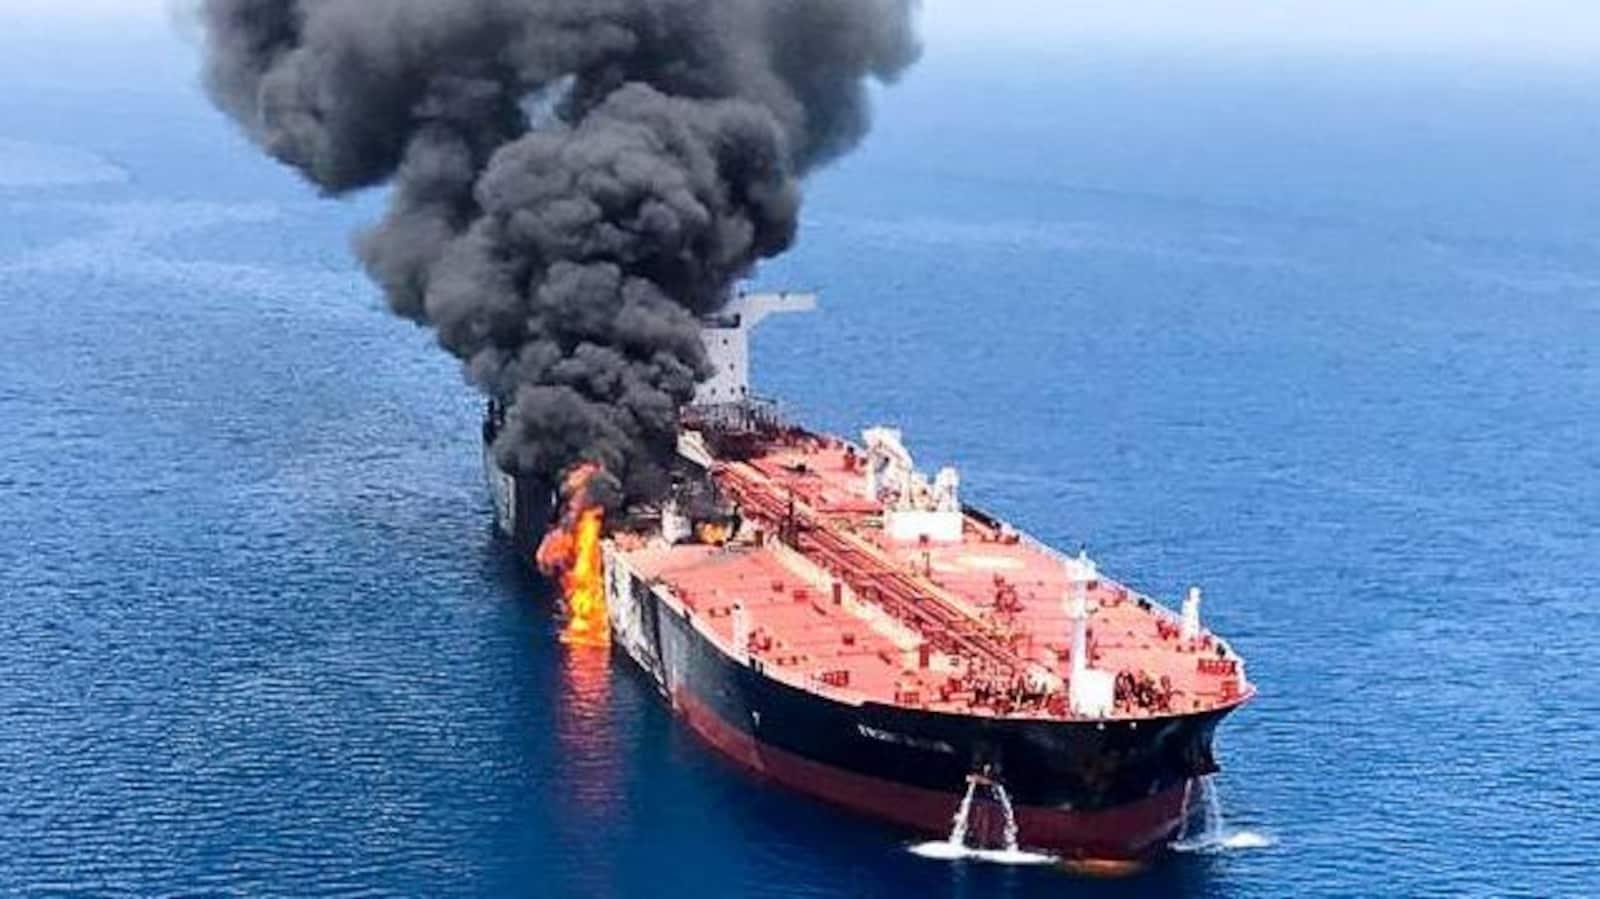 Des navires iraniens tentent de bloquer un pétrolier britannique, assure Londres — Golfe